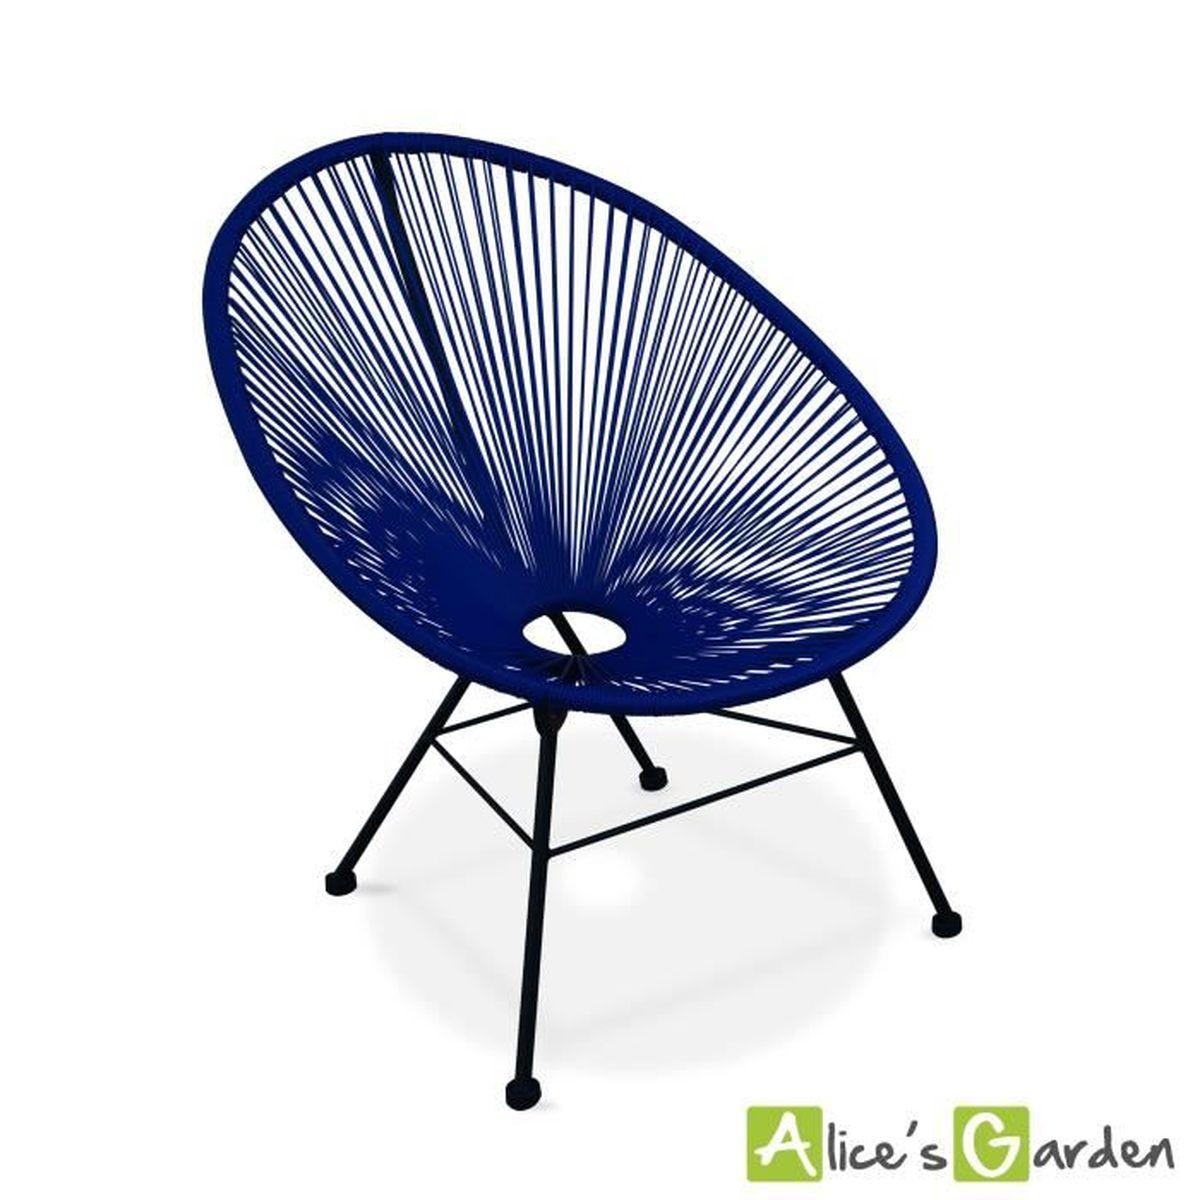 fauteuil acapulco achat vente fauteuil acapulco pas cher les soldes sur cdiscount cdiscount. Black Bedroom Furniture Sets. Home Design Ideas